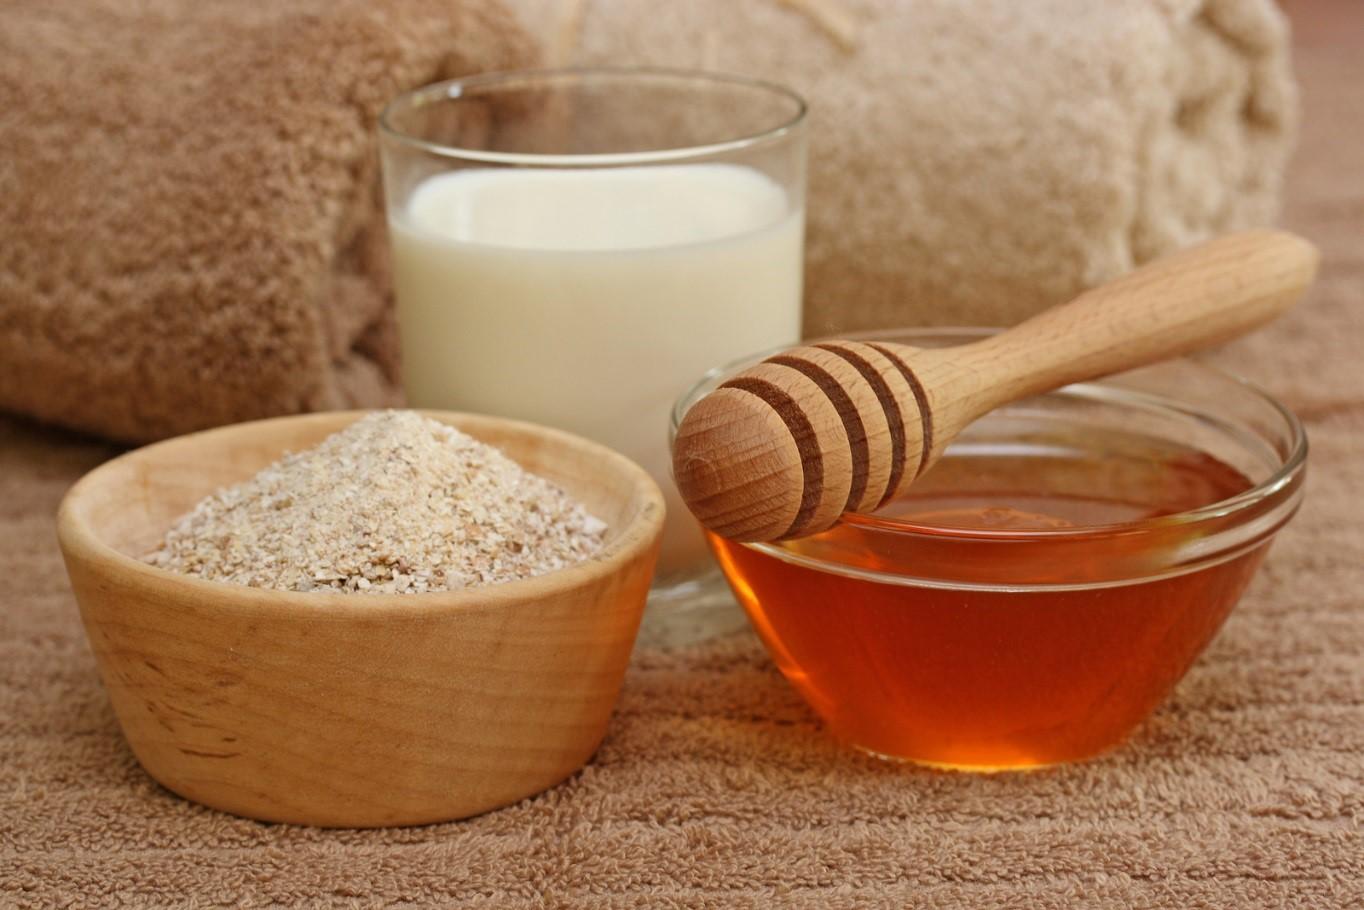 Cara Merawat Wajah Supaya Lebih Cerah dengan Susu Sapi